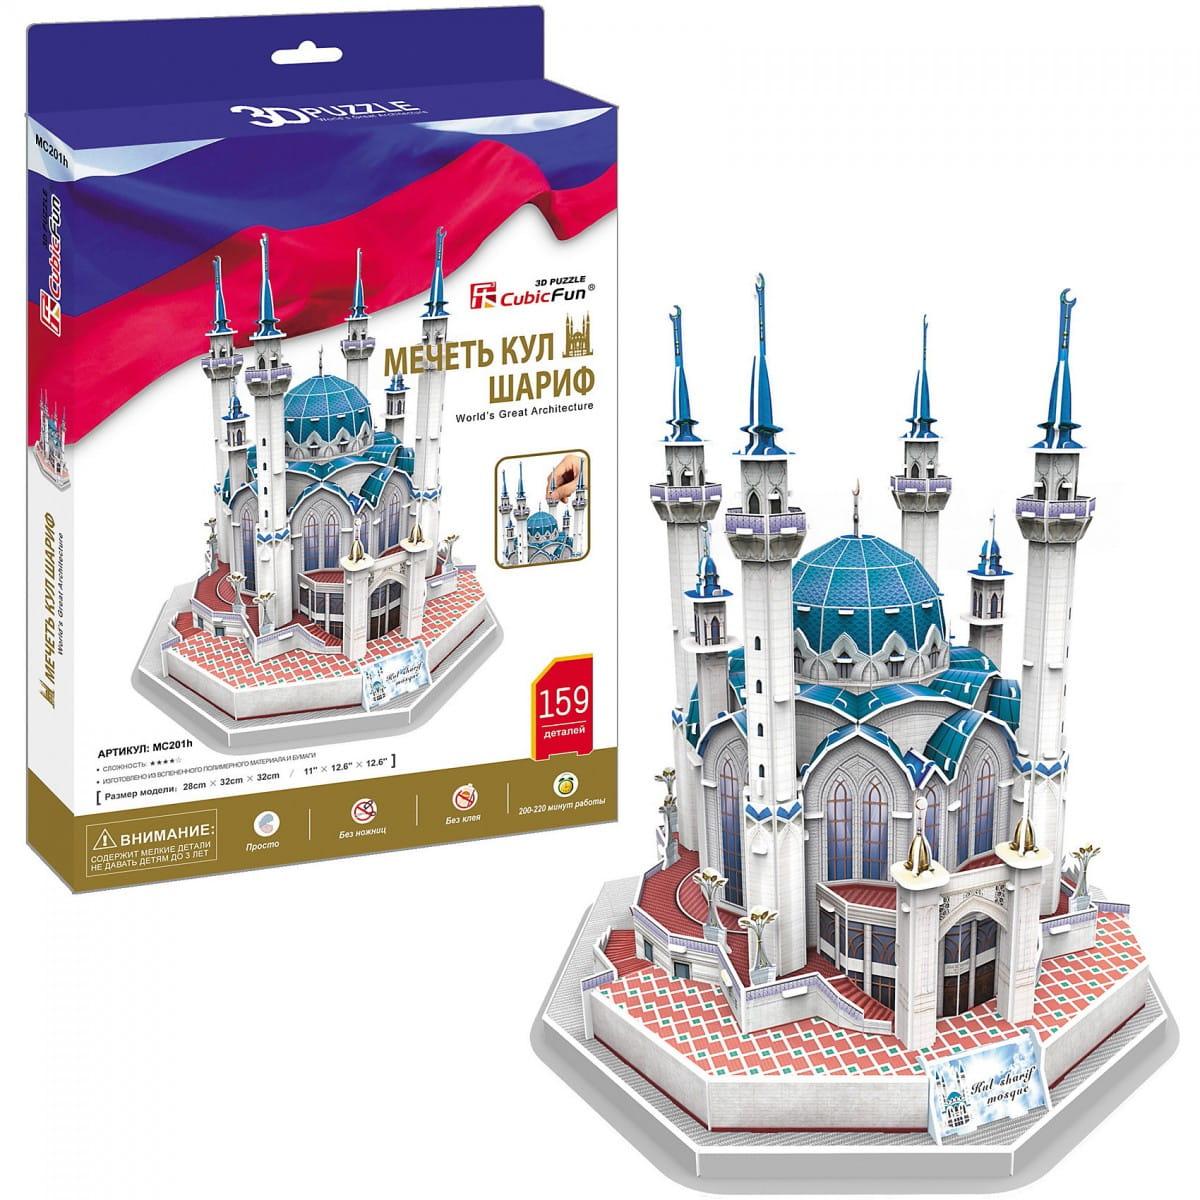 Объемный 3D пазл CUBICFUN Мечеть Кул Шариф (Россия)